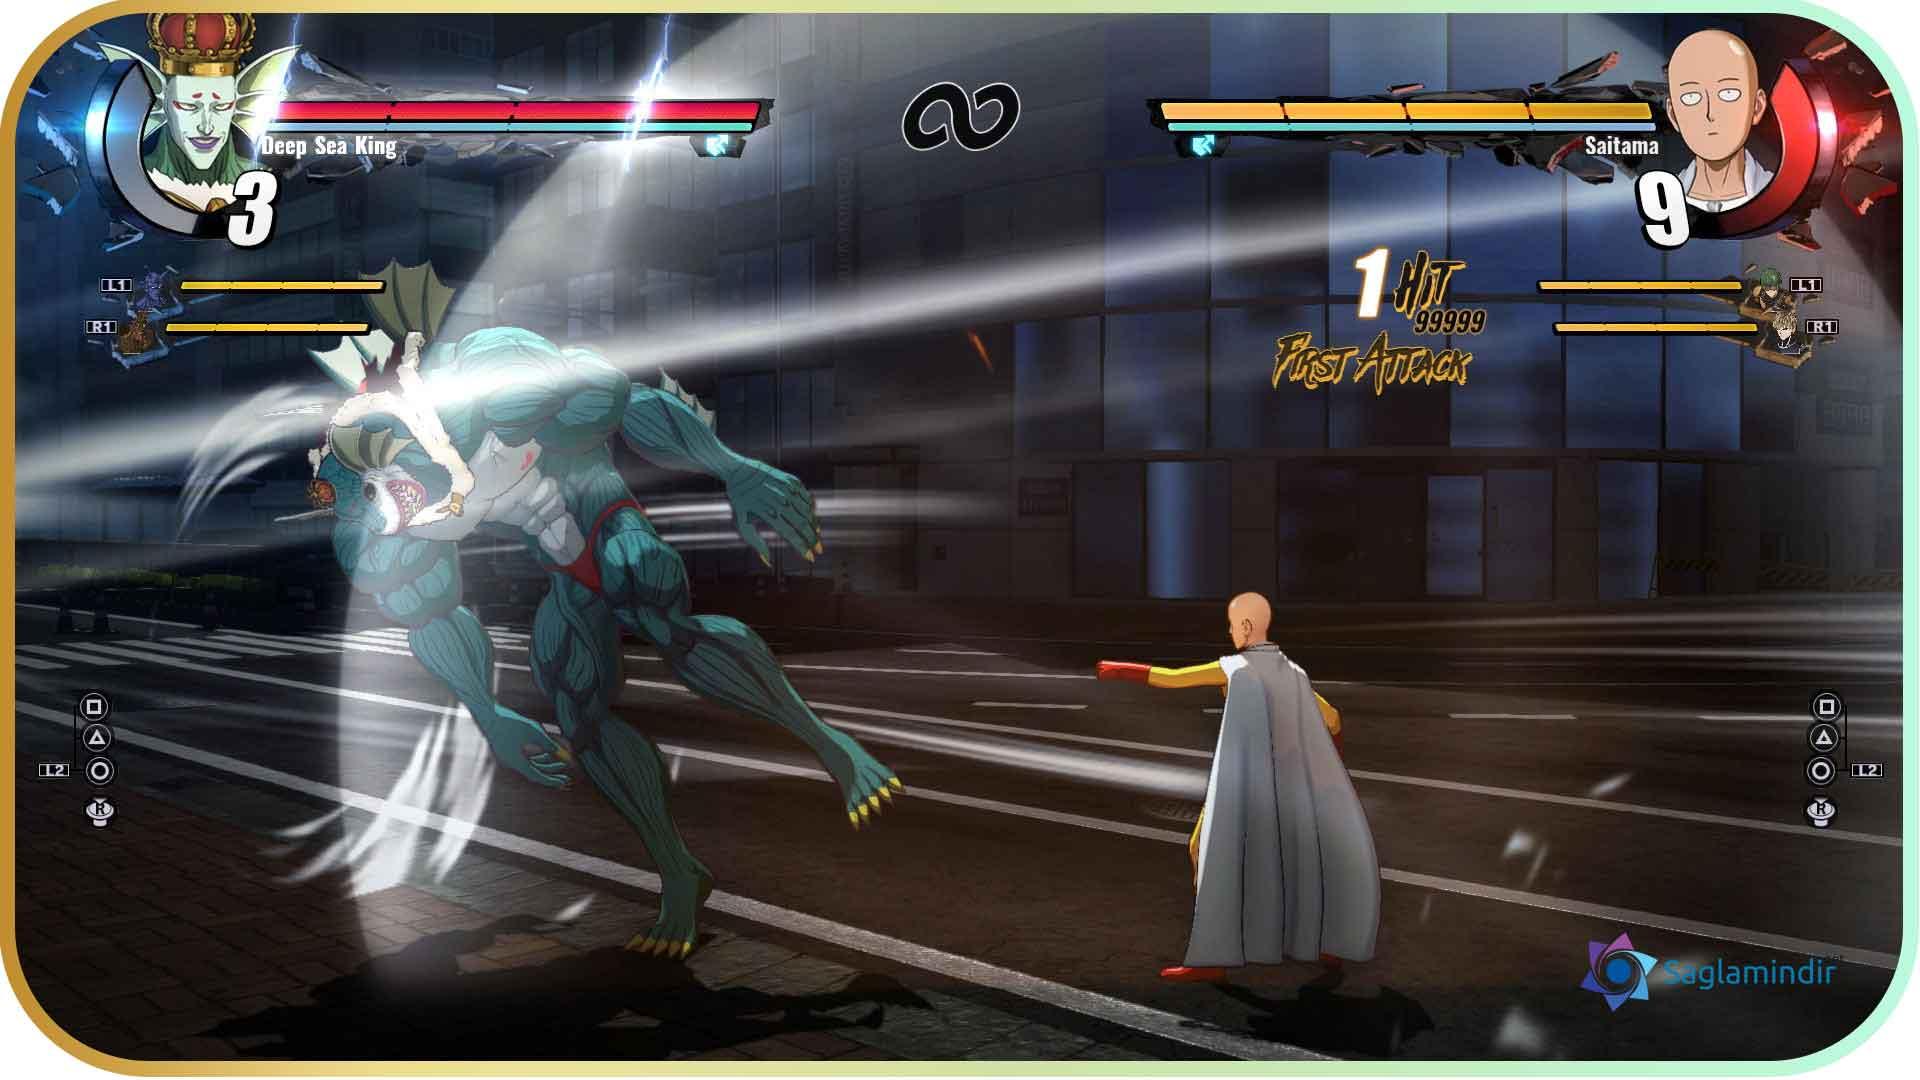 One Punch Man A Hero Nobody Knows saglamindir